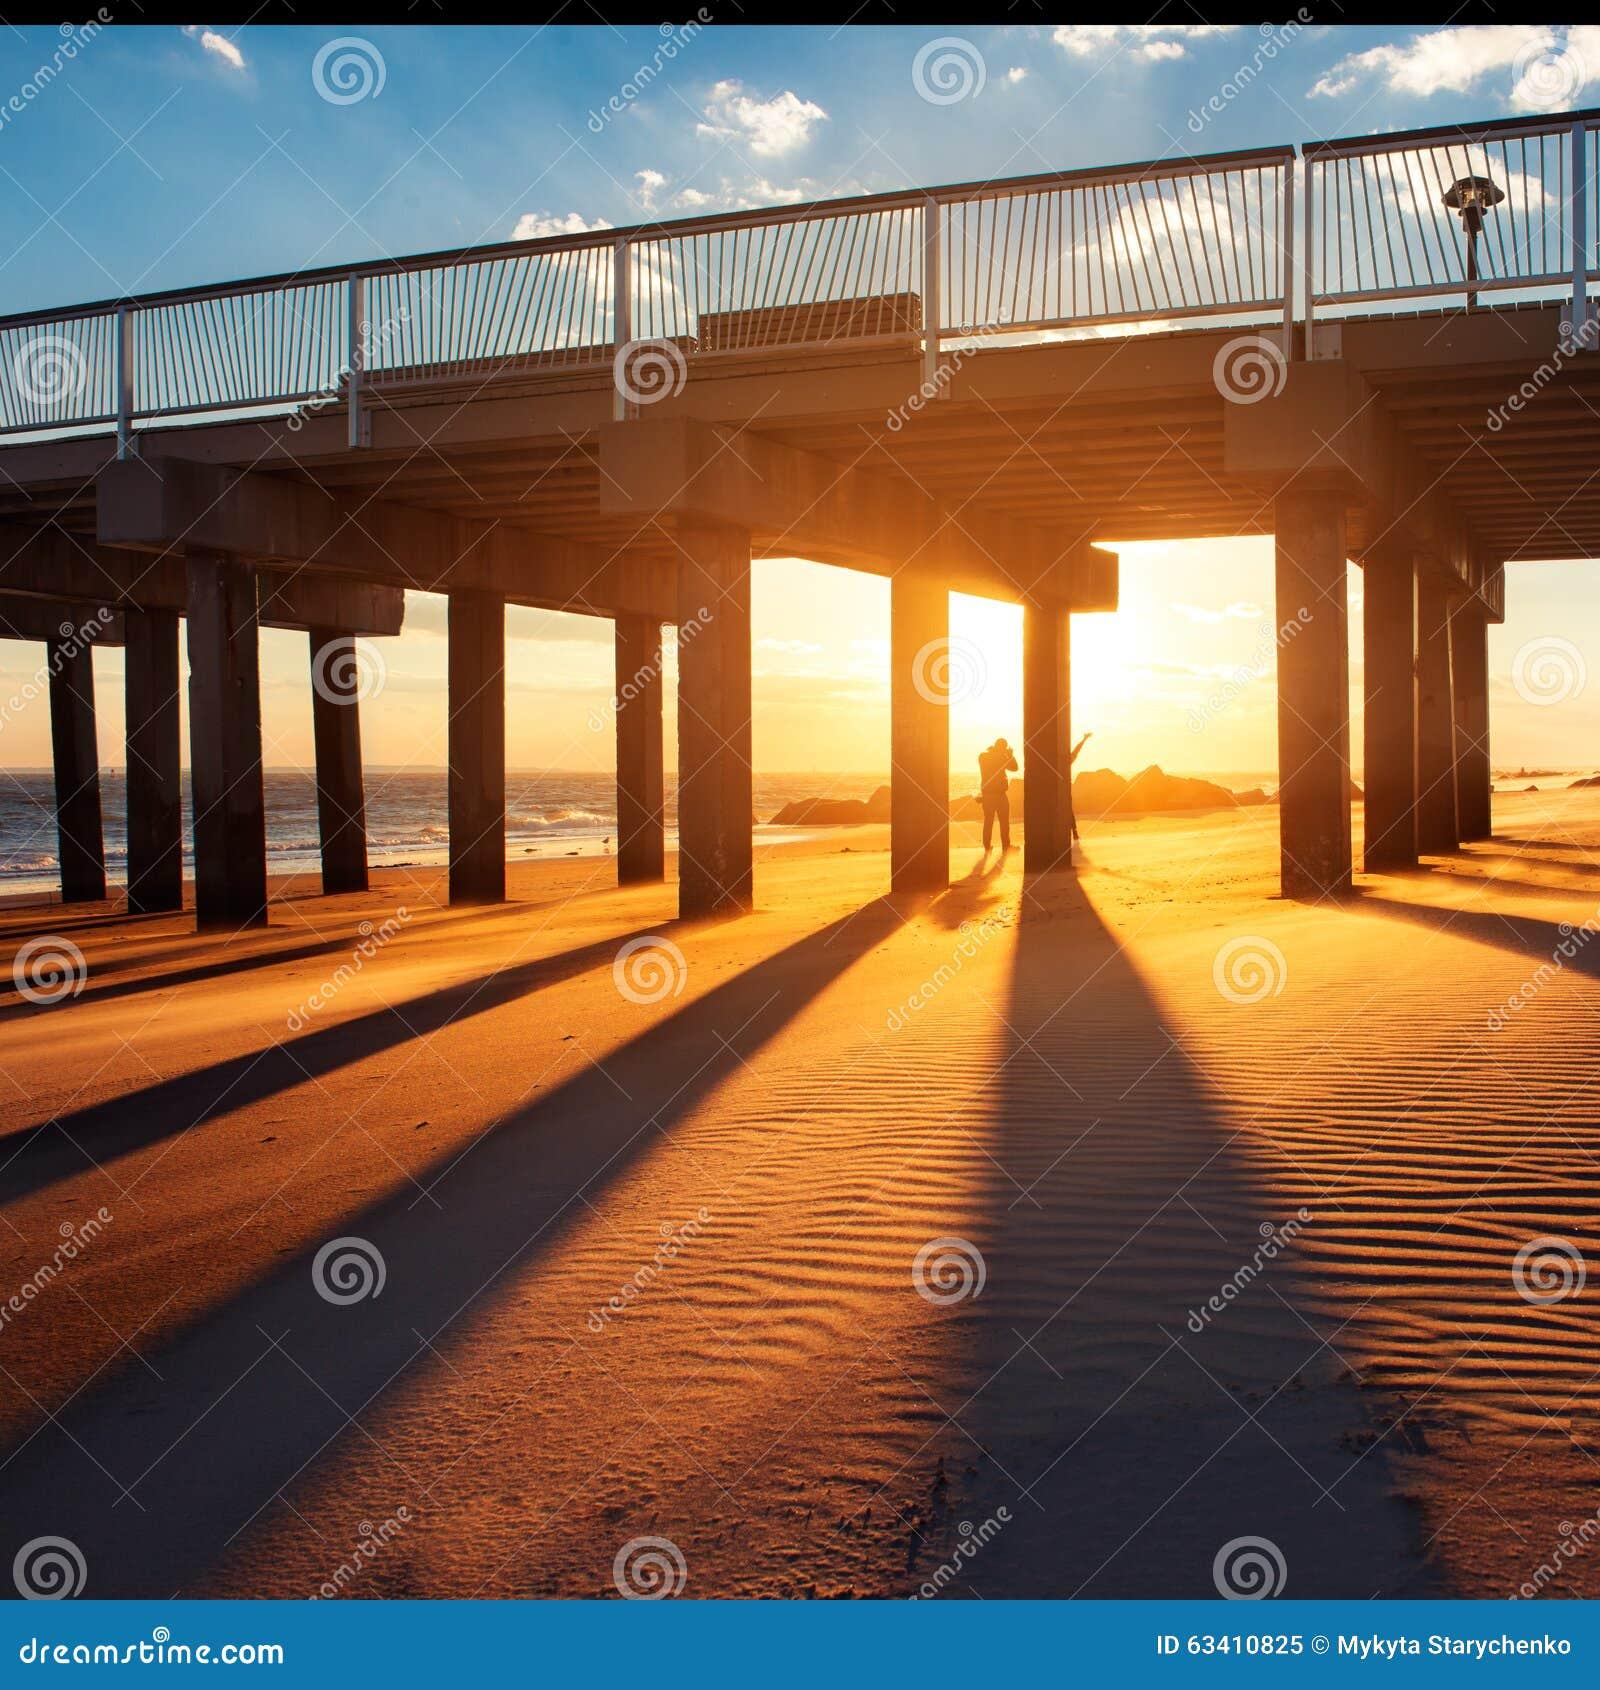 Ocean pier under warm sunset